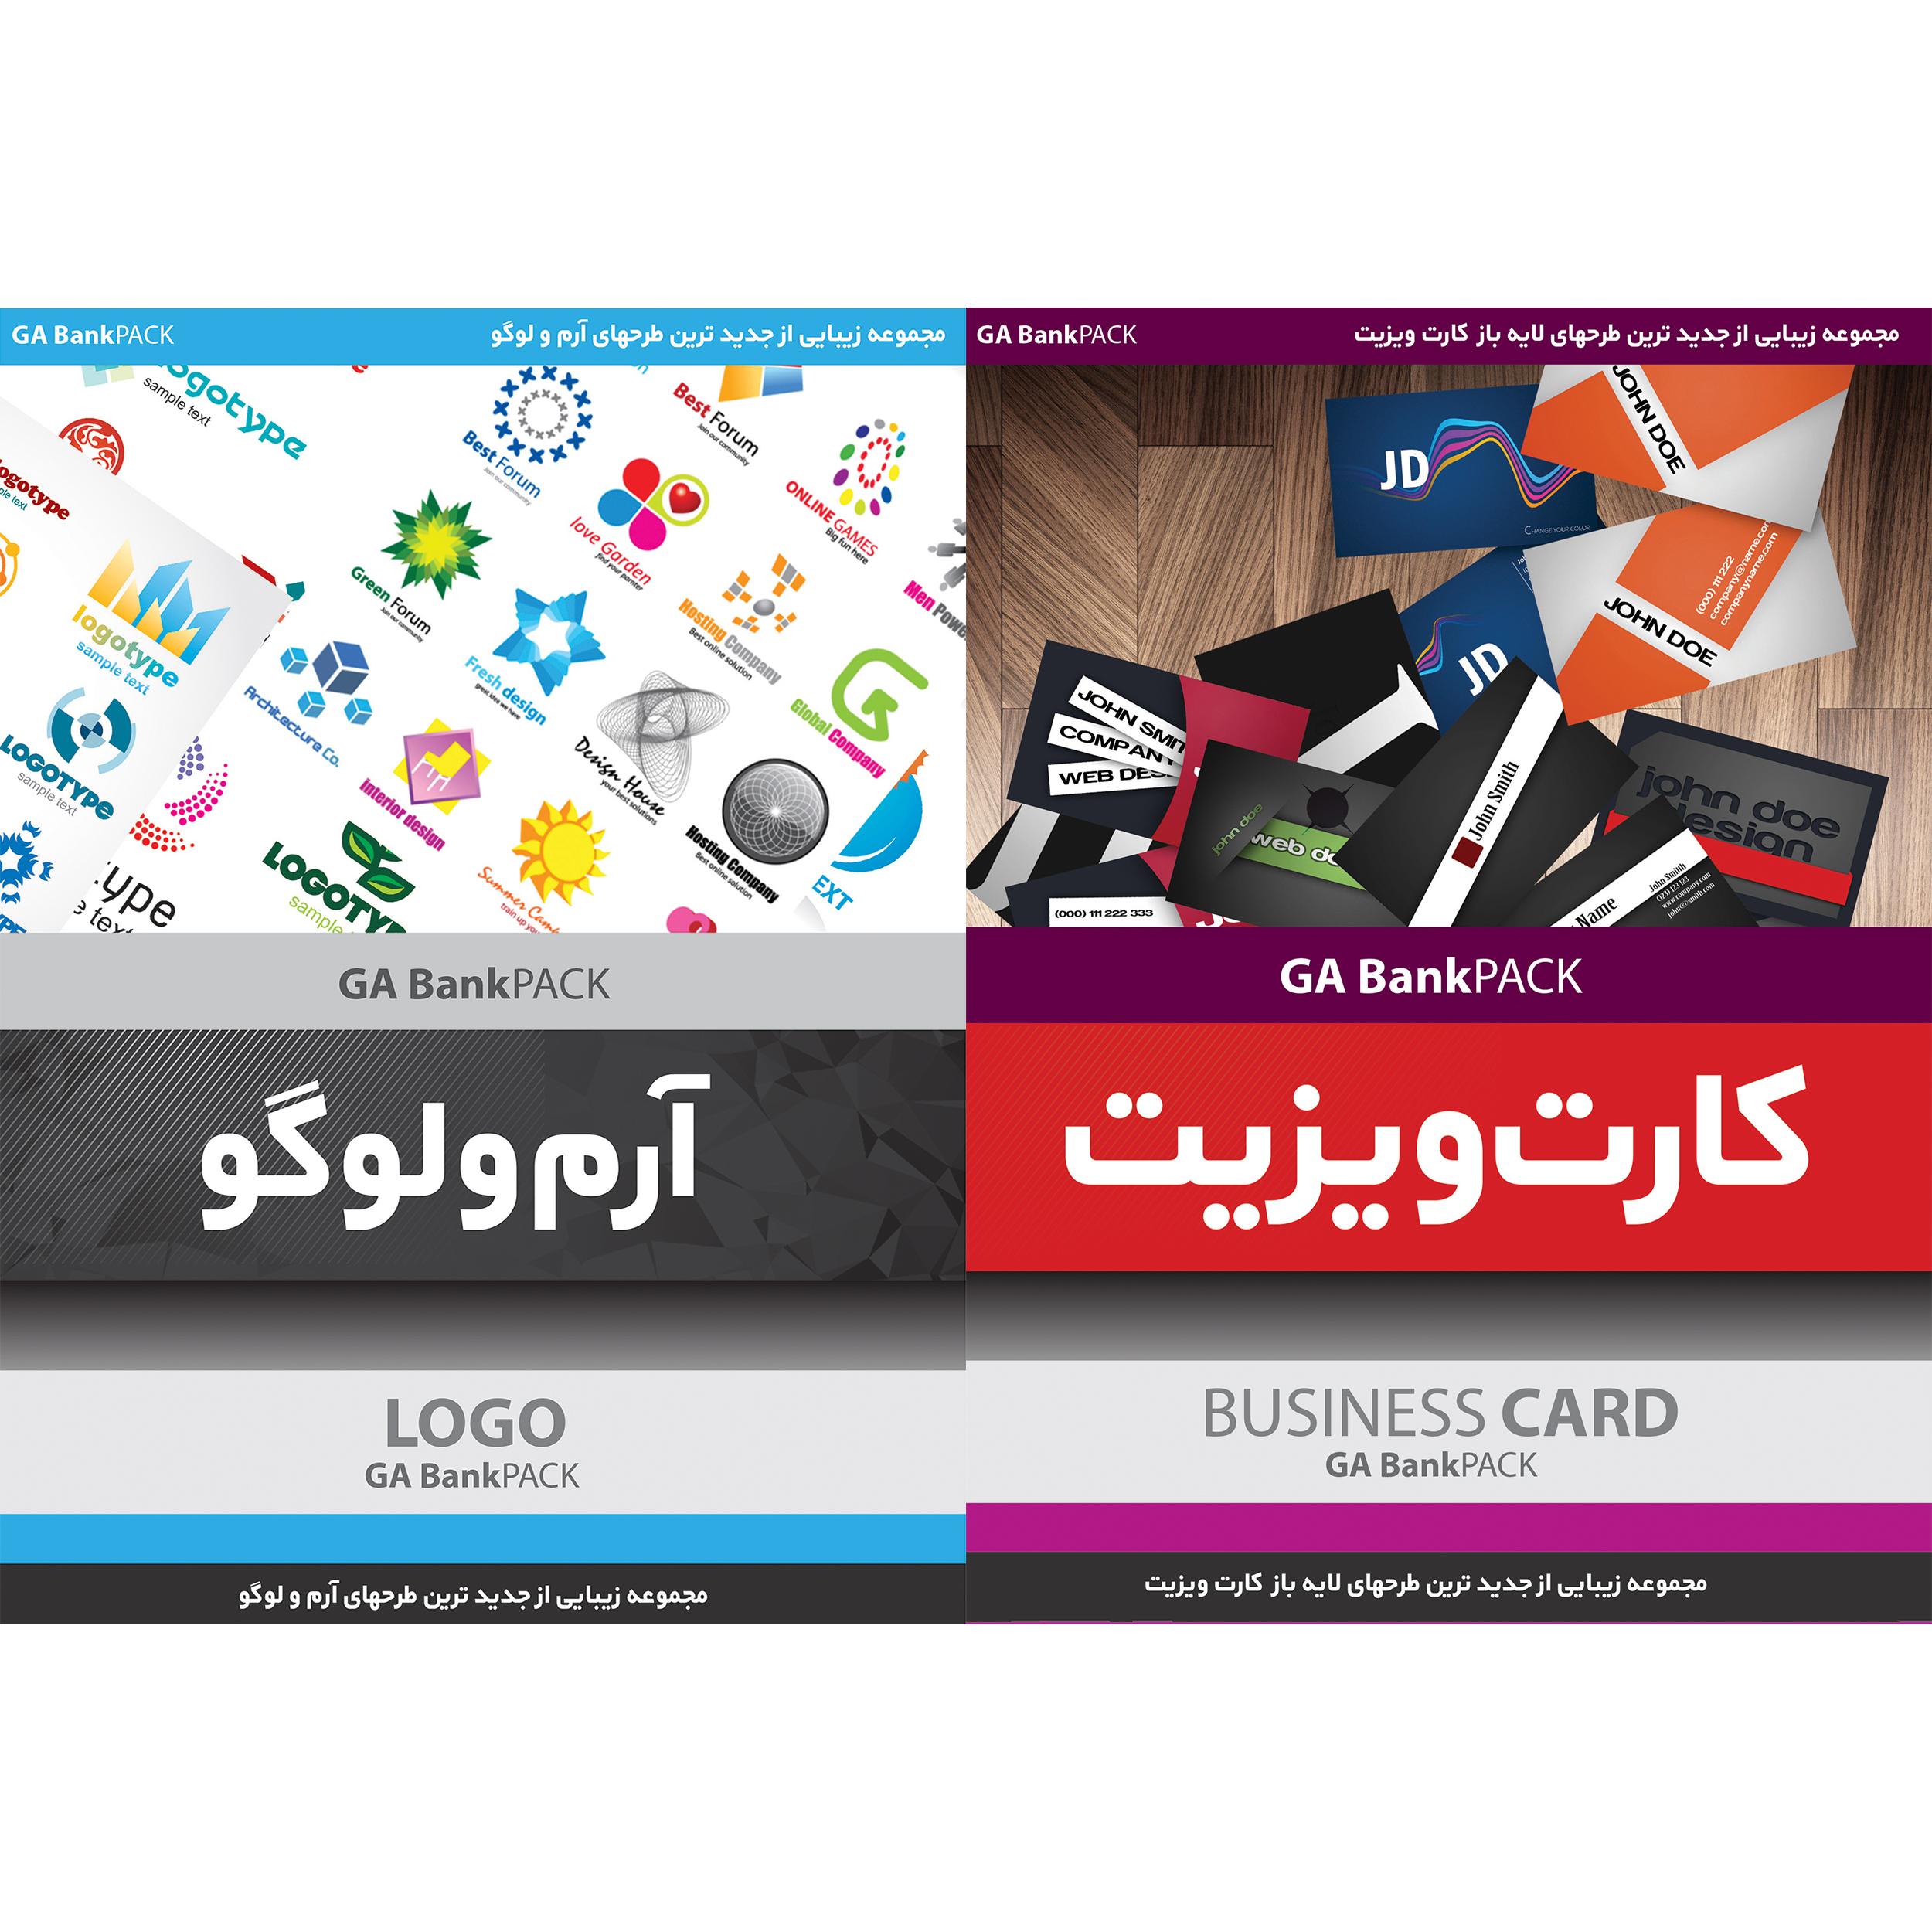 مجموعه طرح های لایه باز کارت ویزیت نشر جی ای بانک به همراه مجموعه طرح های آرم و لوگو نشر جی ای بانک